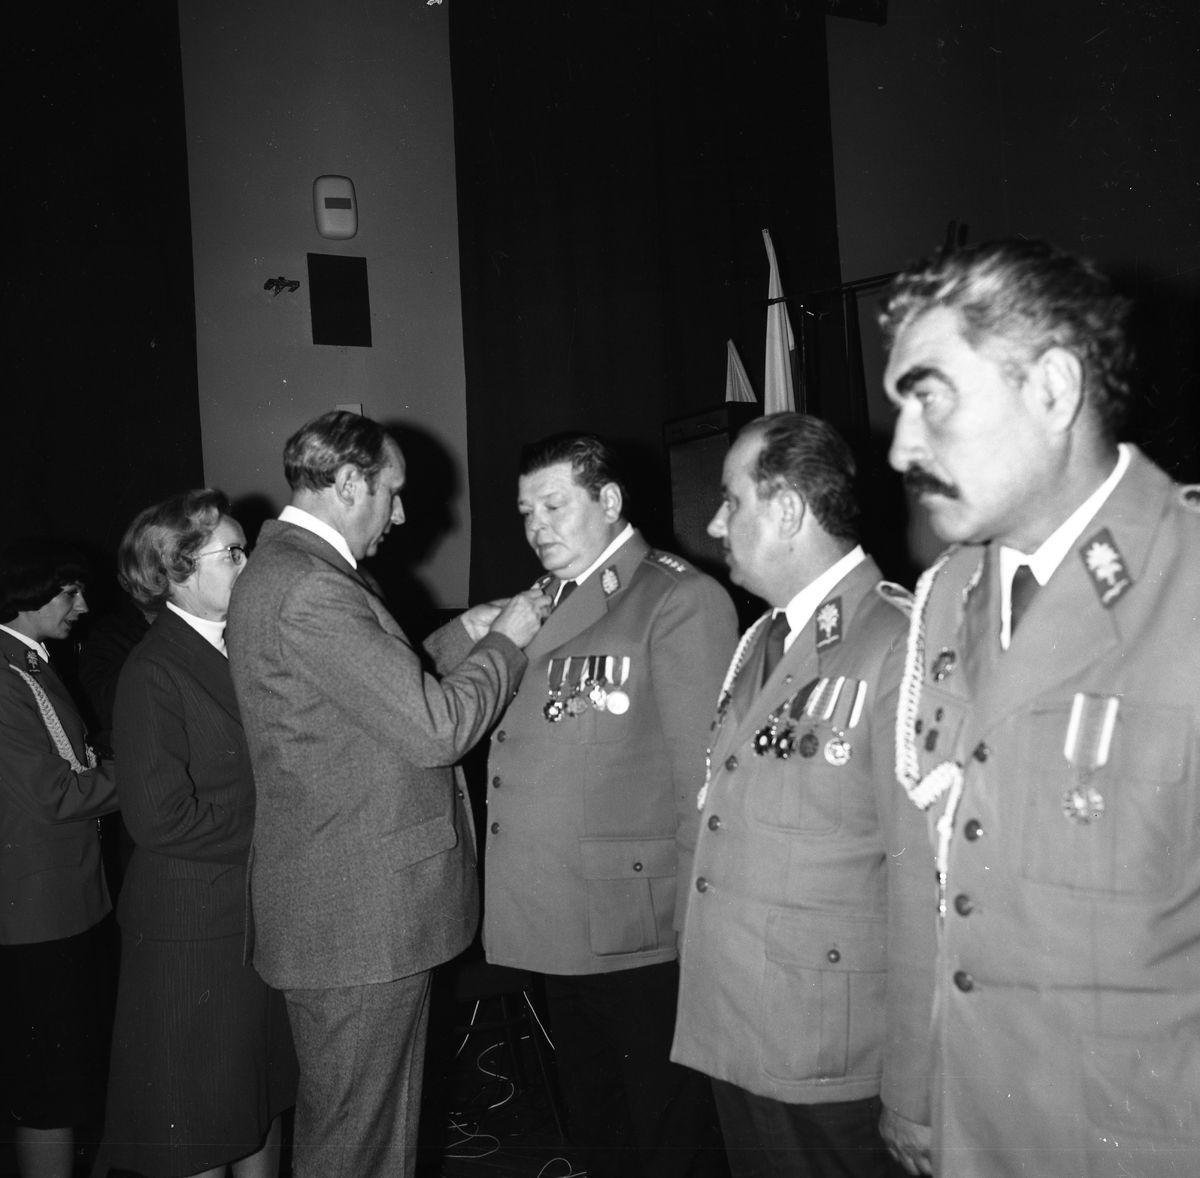 Święto Milicji Obywatelskiej i Służby Bezpieczeństwa, 1979 r.